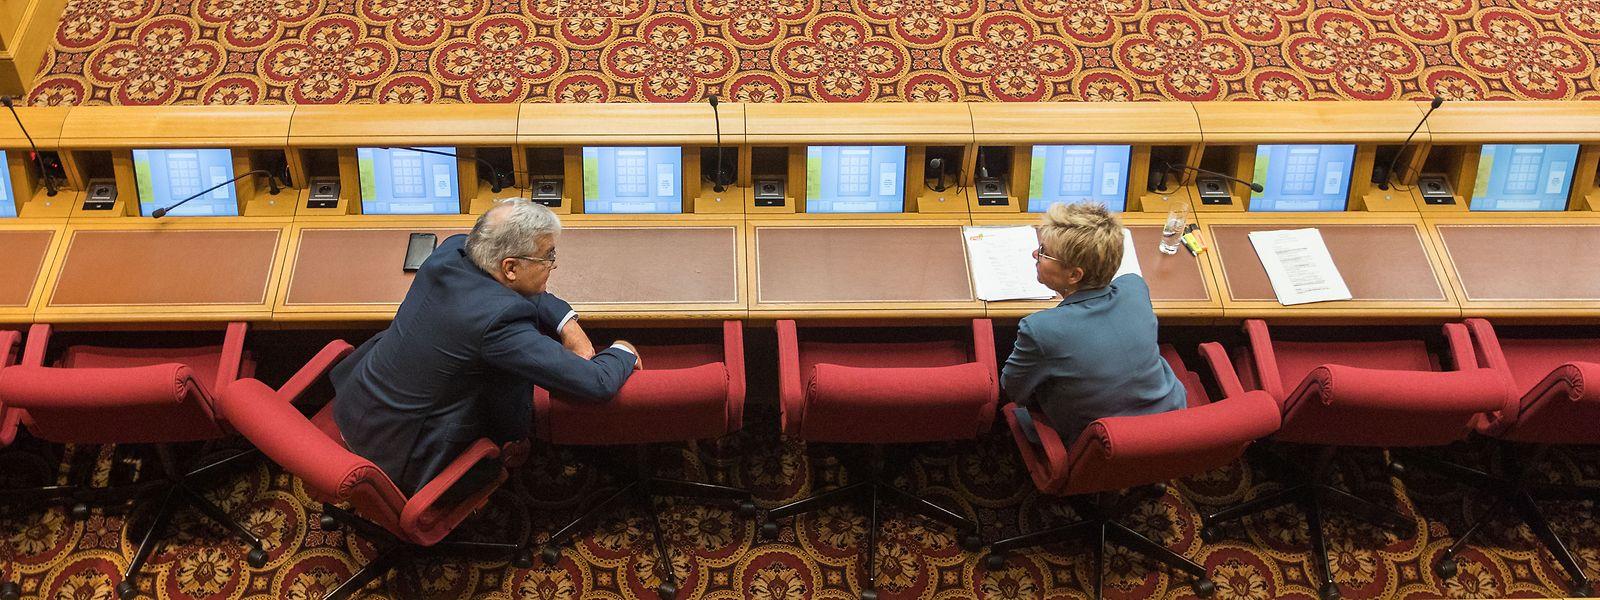 Martine Hansen (oben rechts) forderte in ihrer Rede unter anderem einen Lieferdienst für Medikamente.